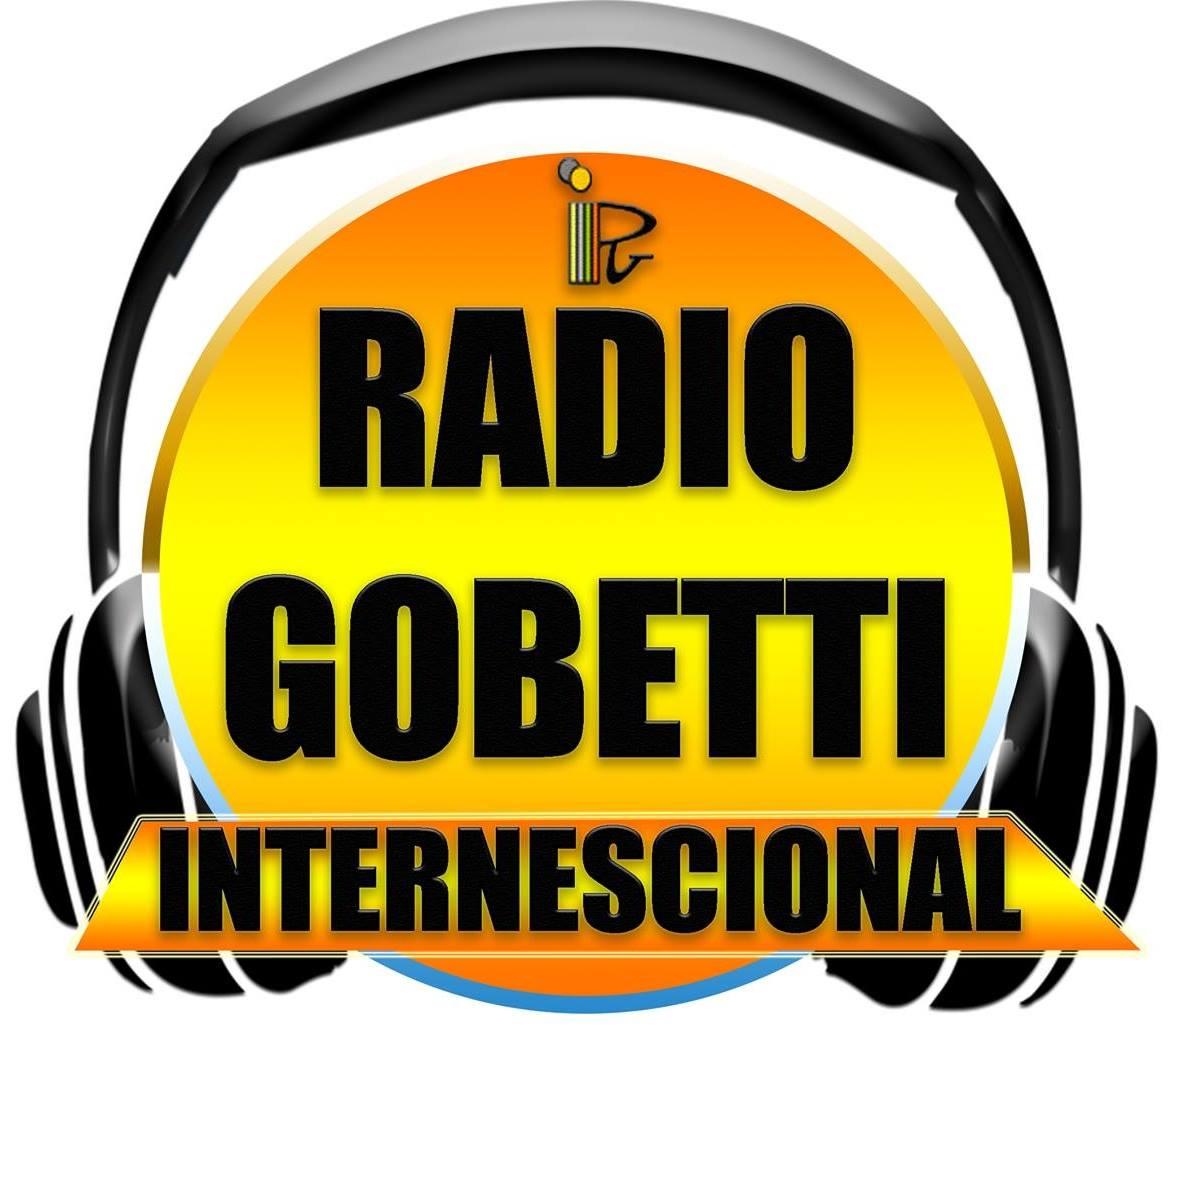 La web radio Radiogobetti Internescional: una voce per l'inclusione